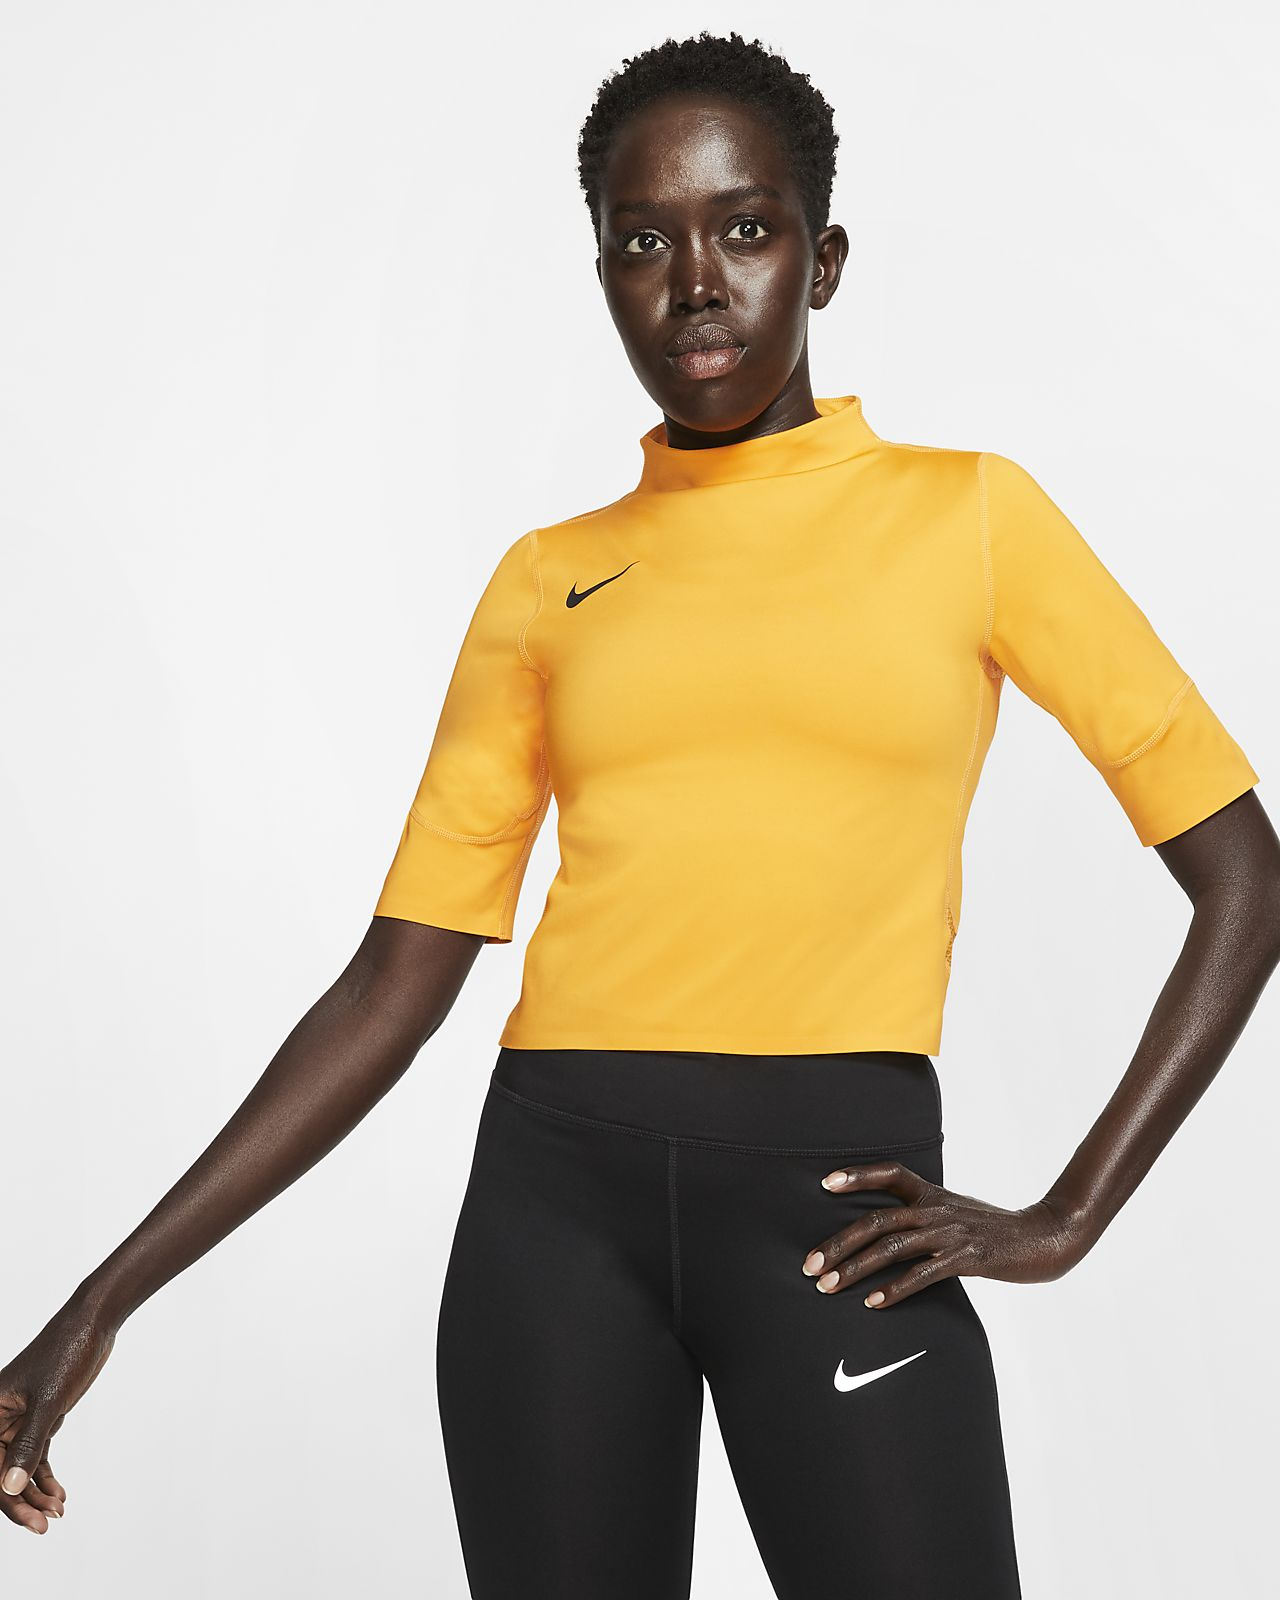 Nike Hardlooptop met korte mouwen voor dames